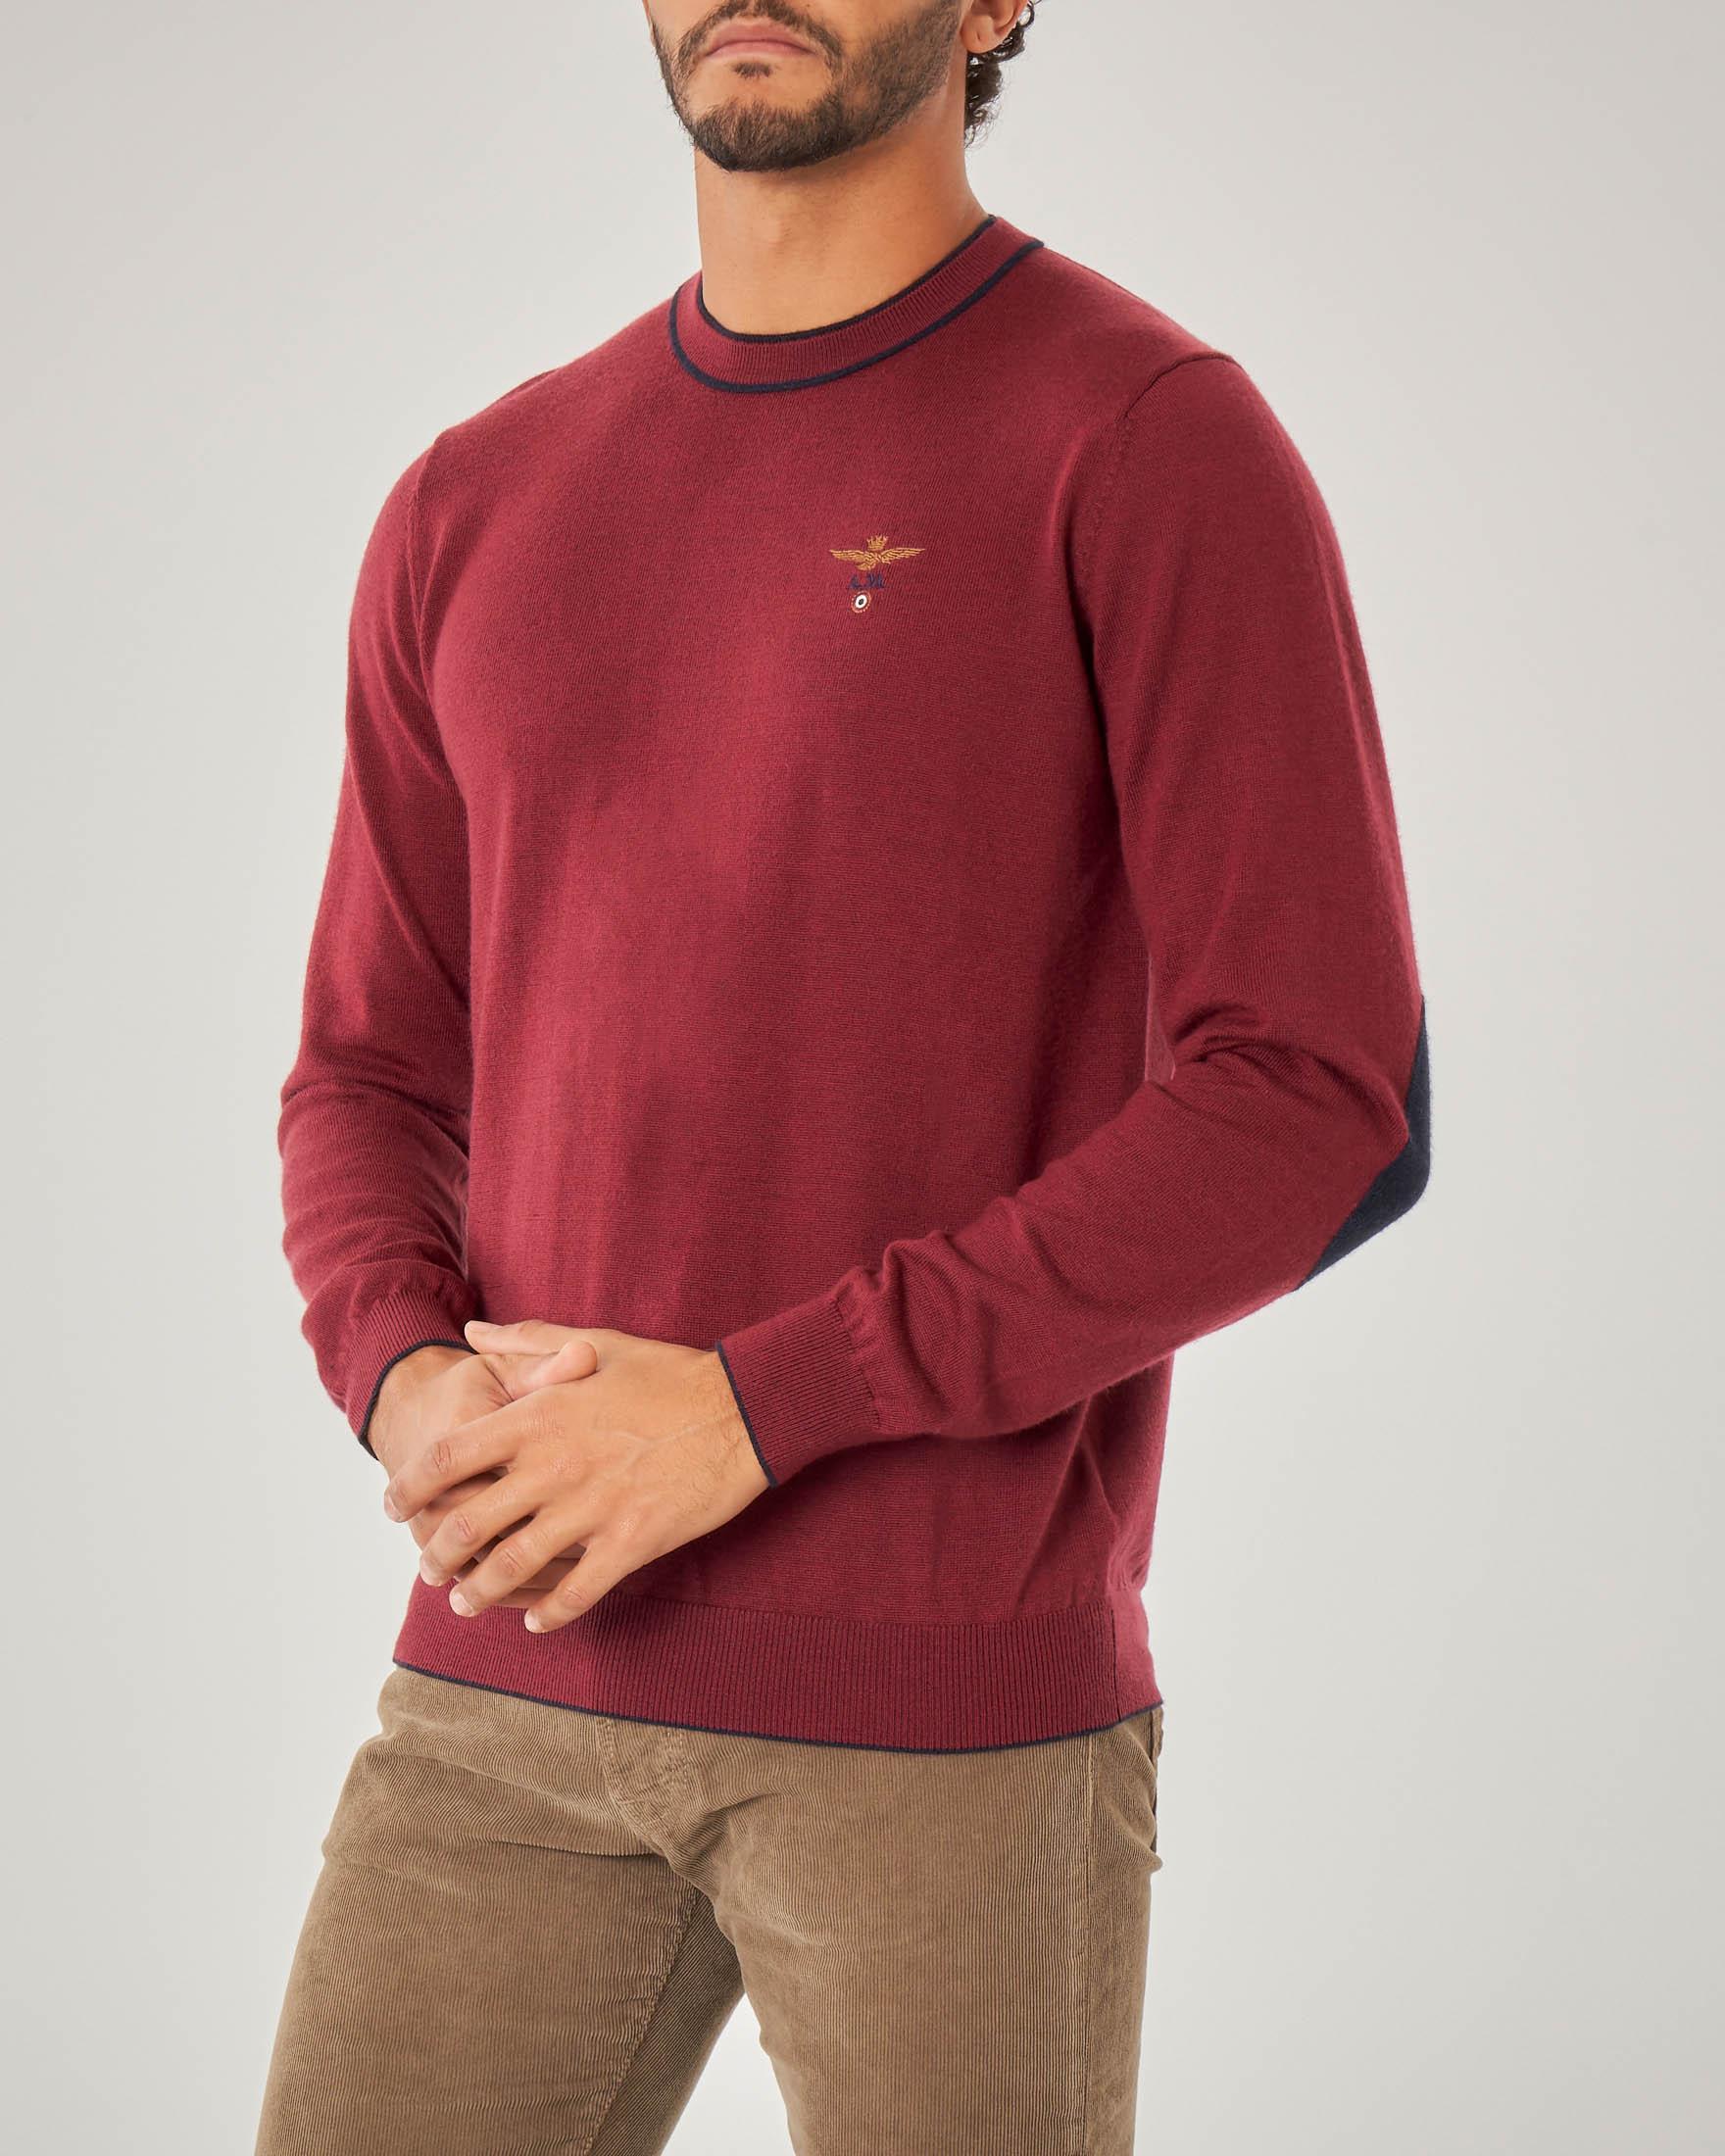 Maglia bordeaux girocollo in lana con toppa in contrasto